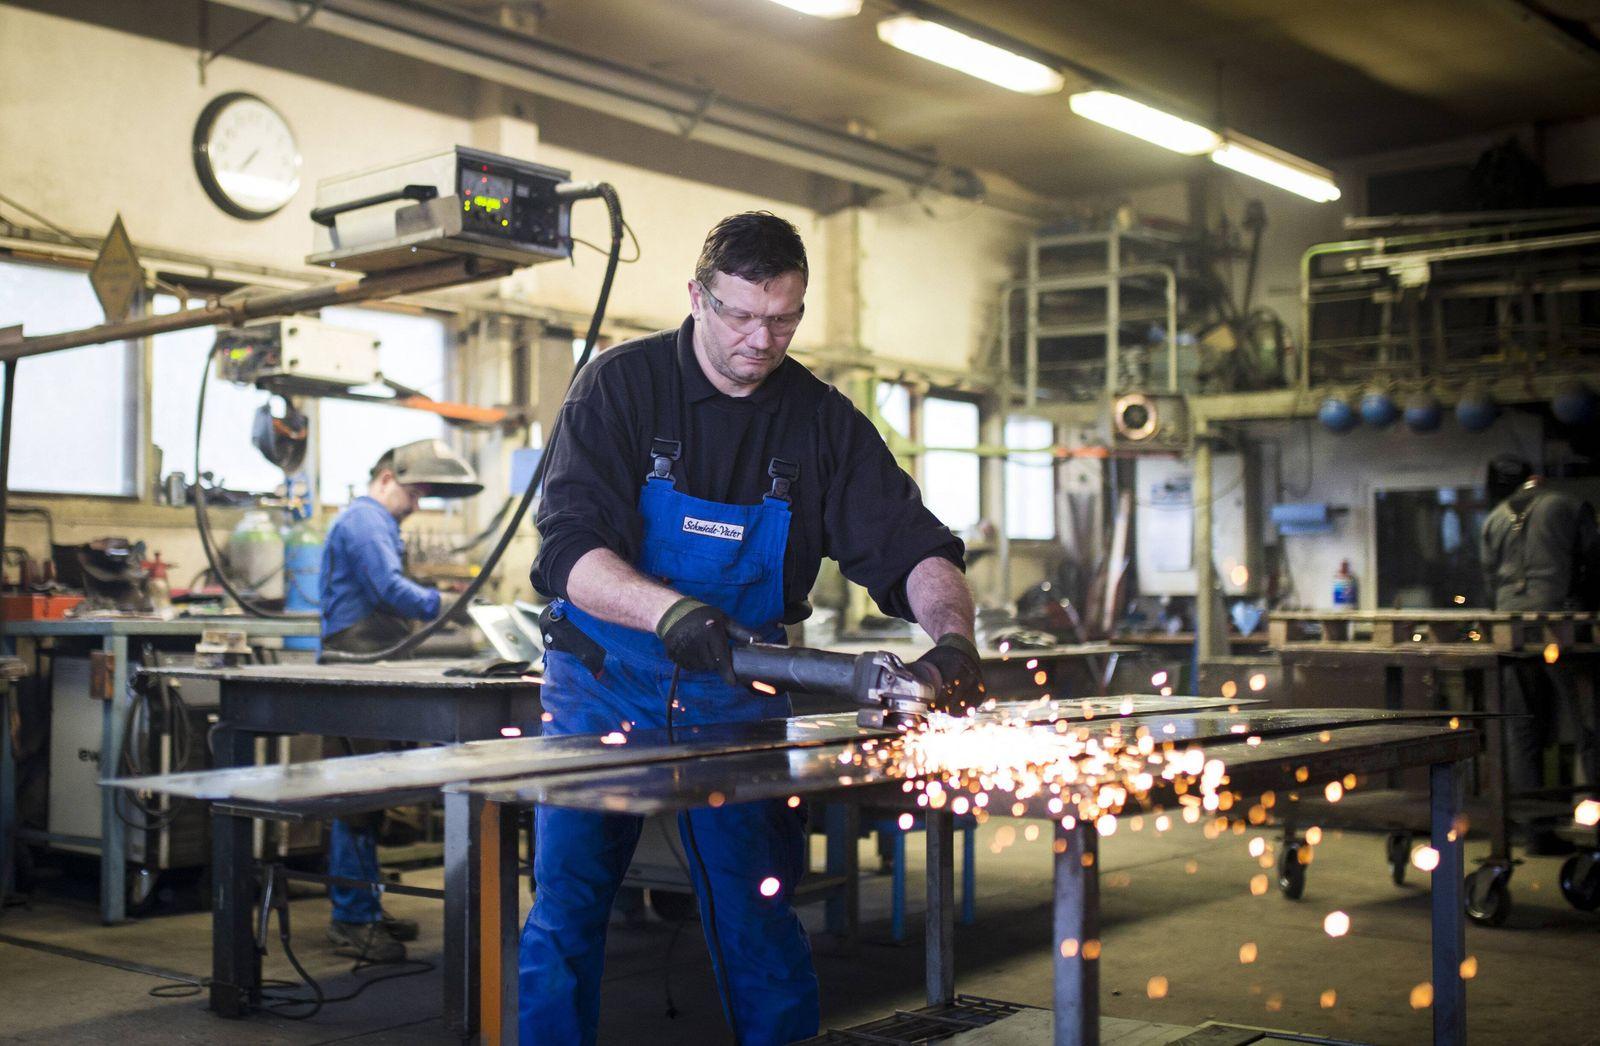 Ein Arbeiter schleift Metall in der Werkstatt einer Schmiede in Klitten 03 04 2018 Nur fuer redakt